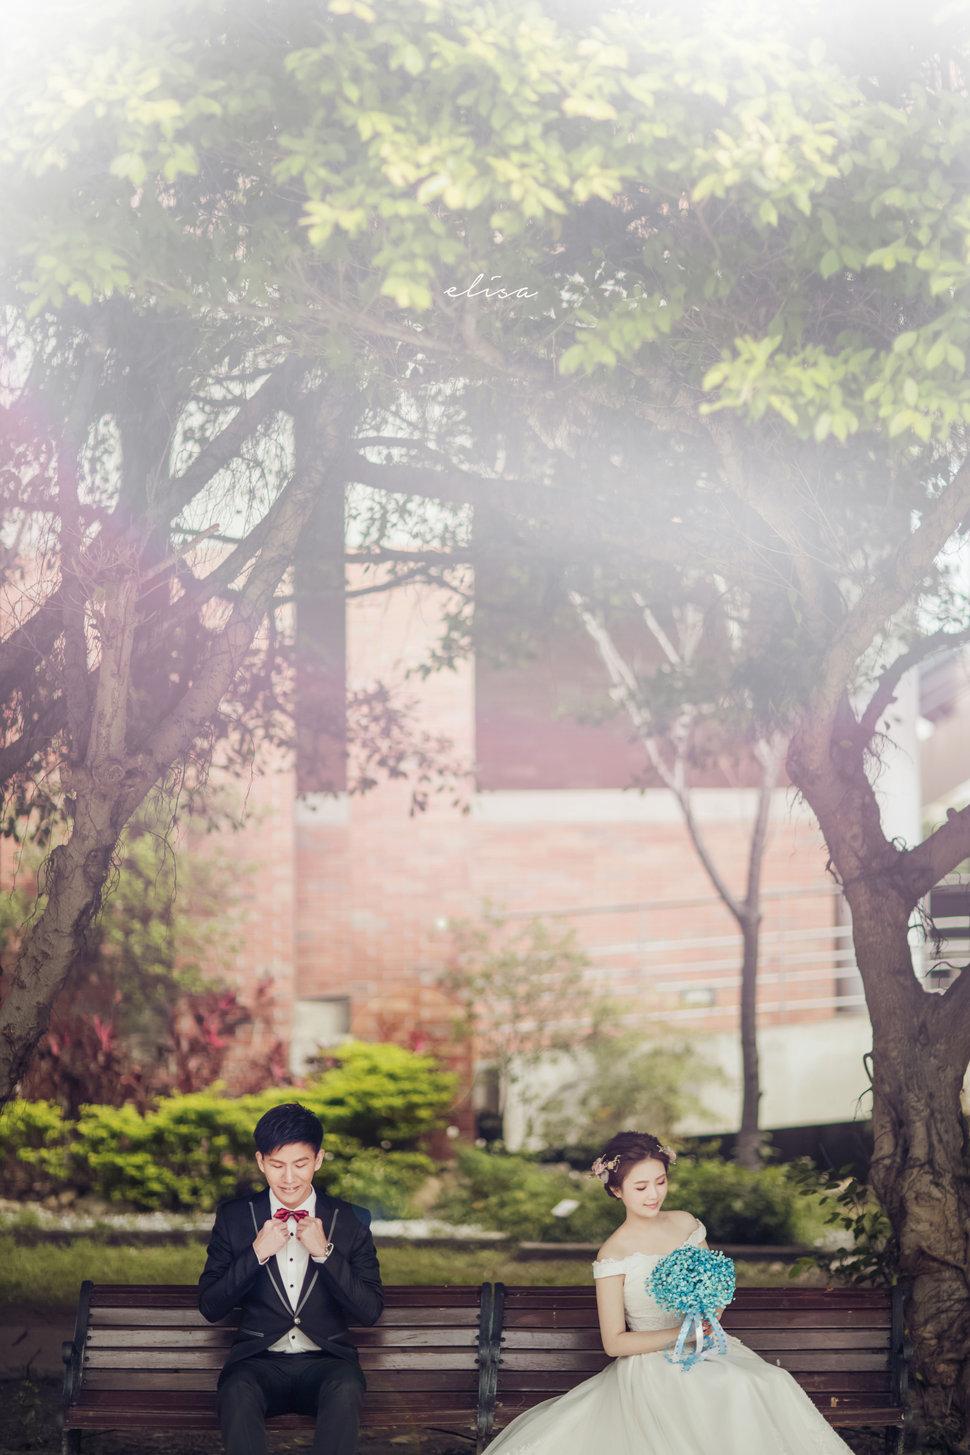 mark0116-122 - Elisa艾莉莎婚紗攝影工作室-桃園中壢《結婚吧》